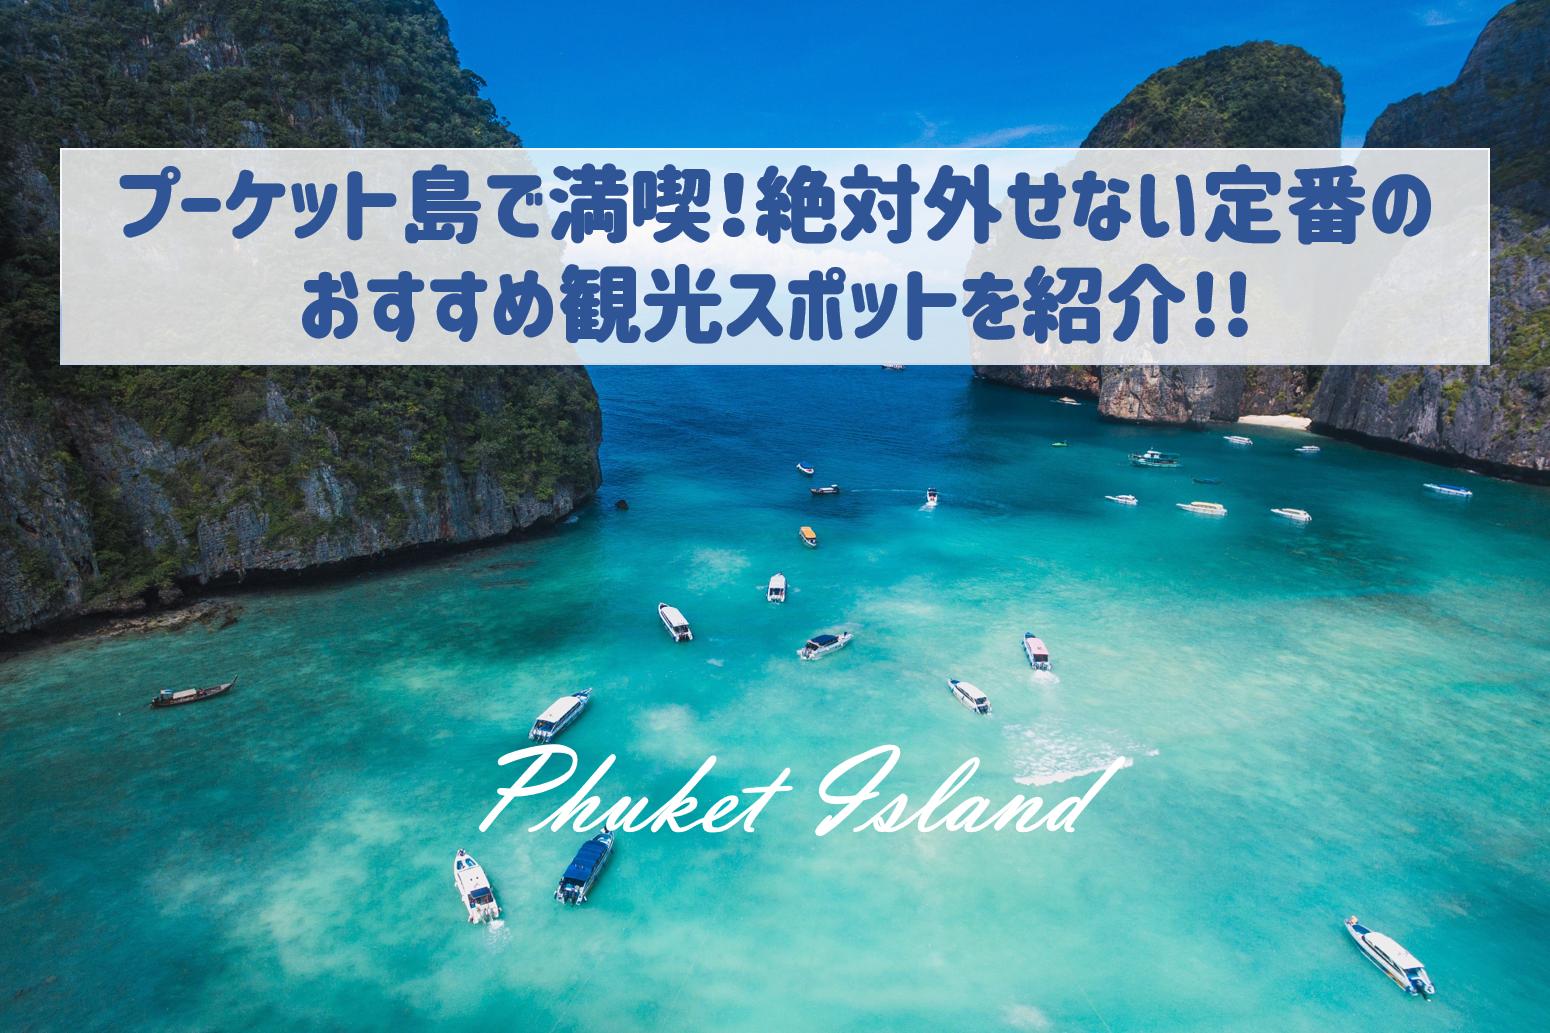 コロナ収束後に行きたい!プーケット島を満喫!定番のおすすめ観光スポット6選